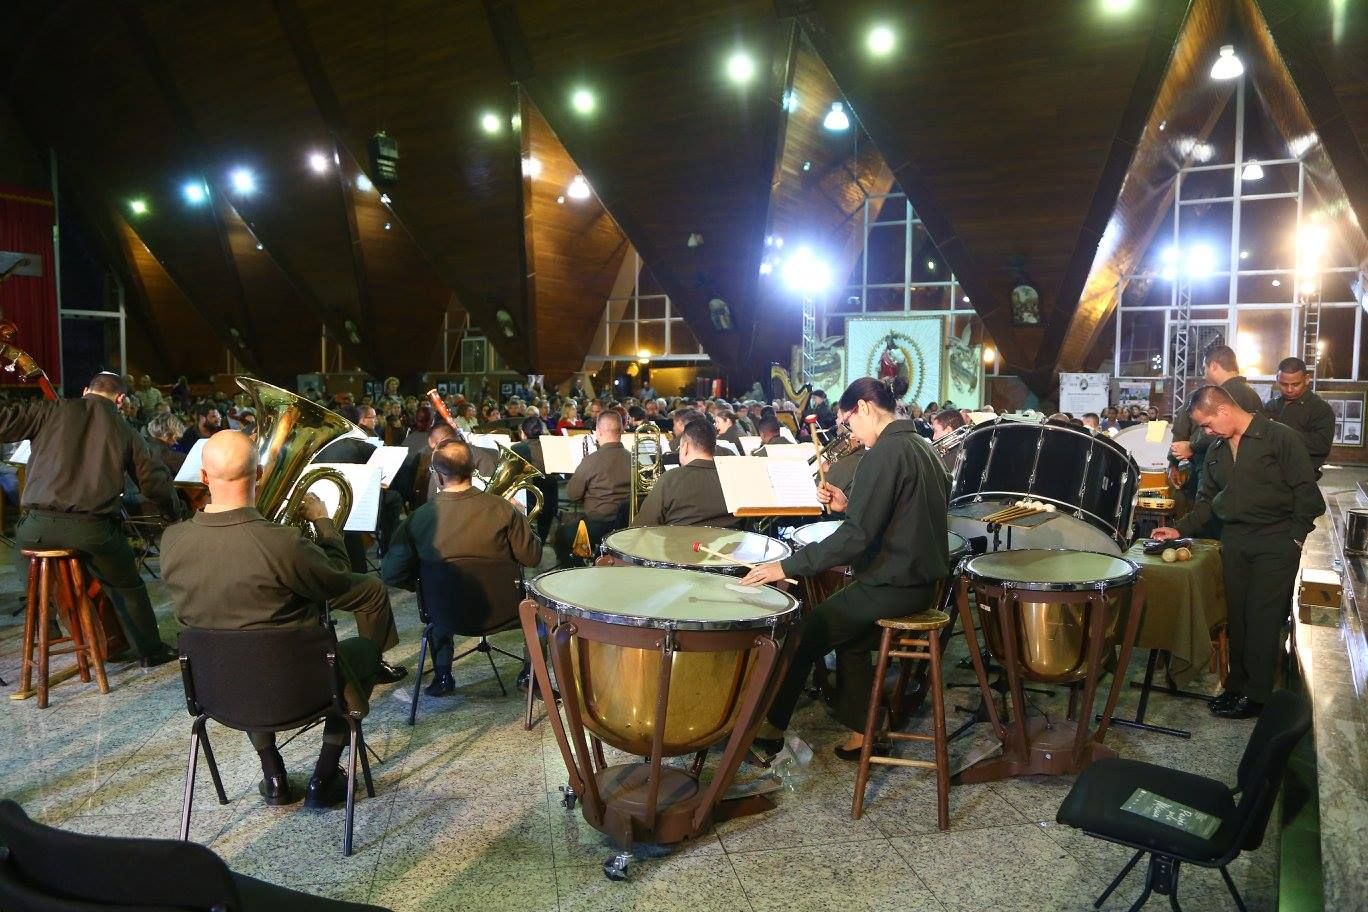 Concerto e Solenidade Oficial de Abertura do 36º Festival Internacional de Música de Londrina